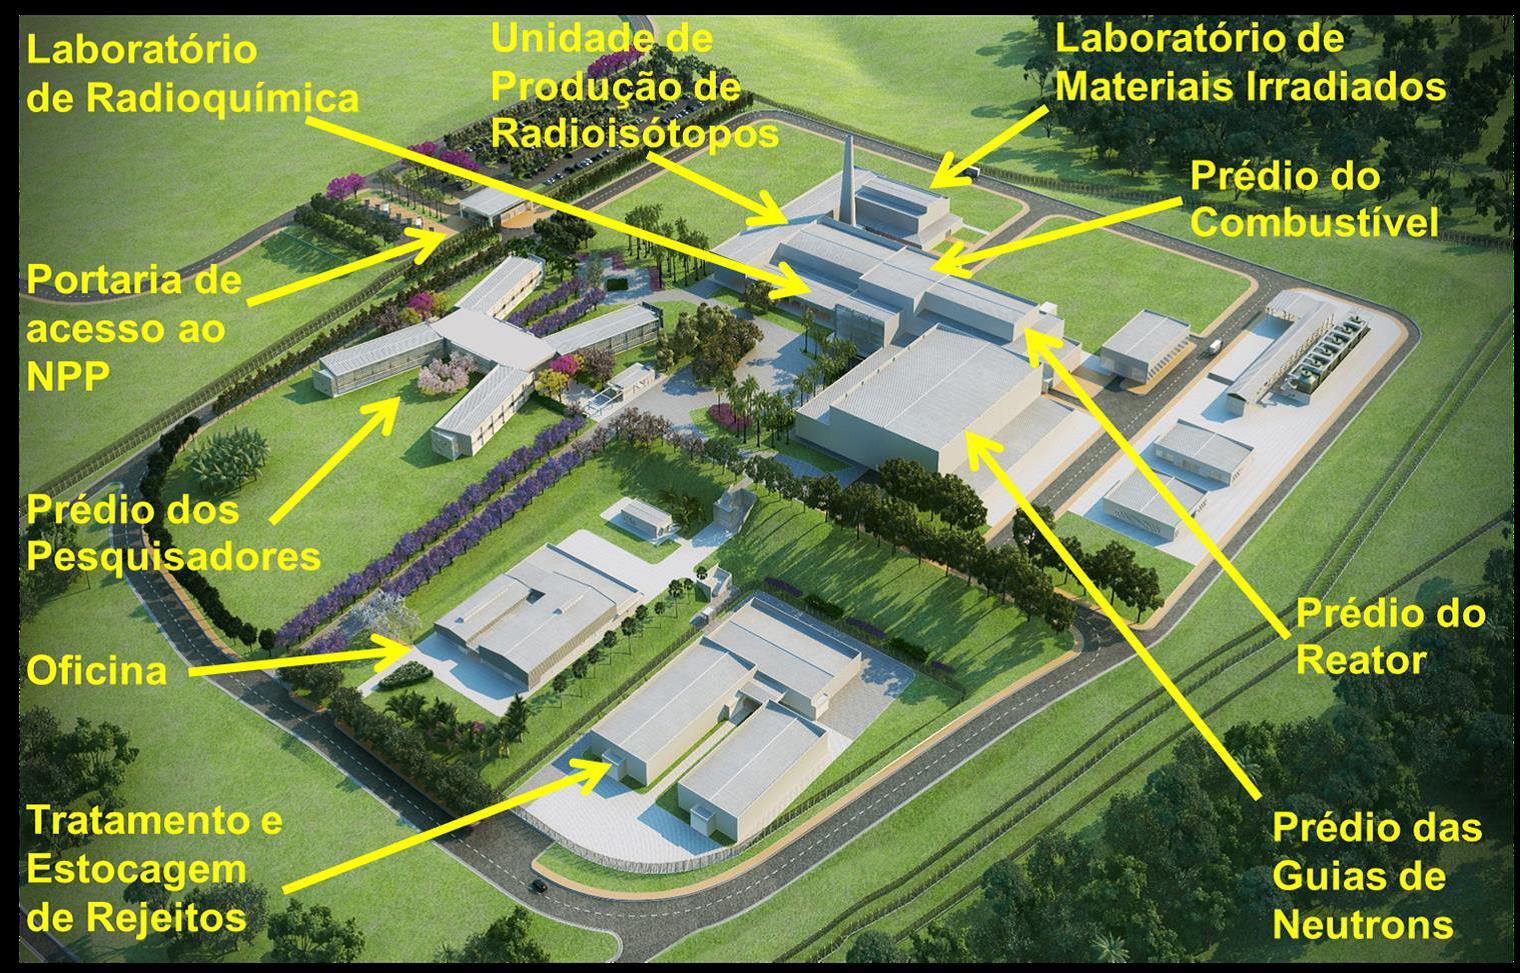 Núcleo de produção e pesquisa